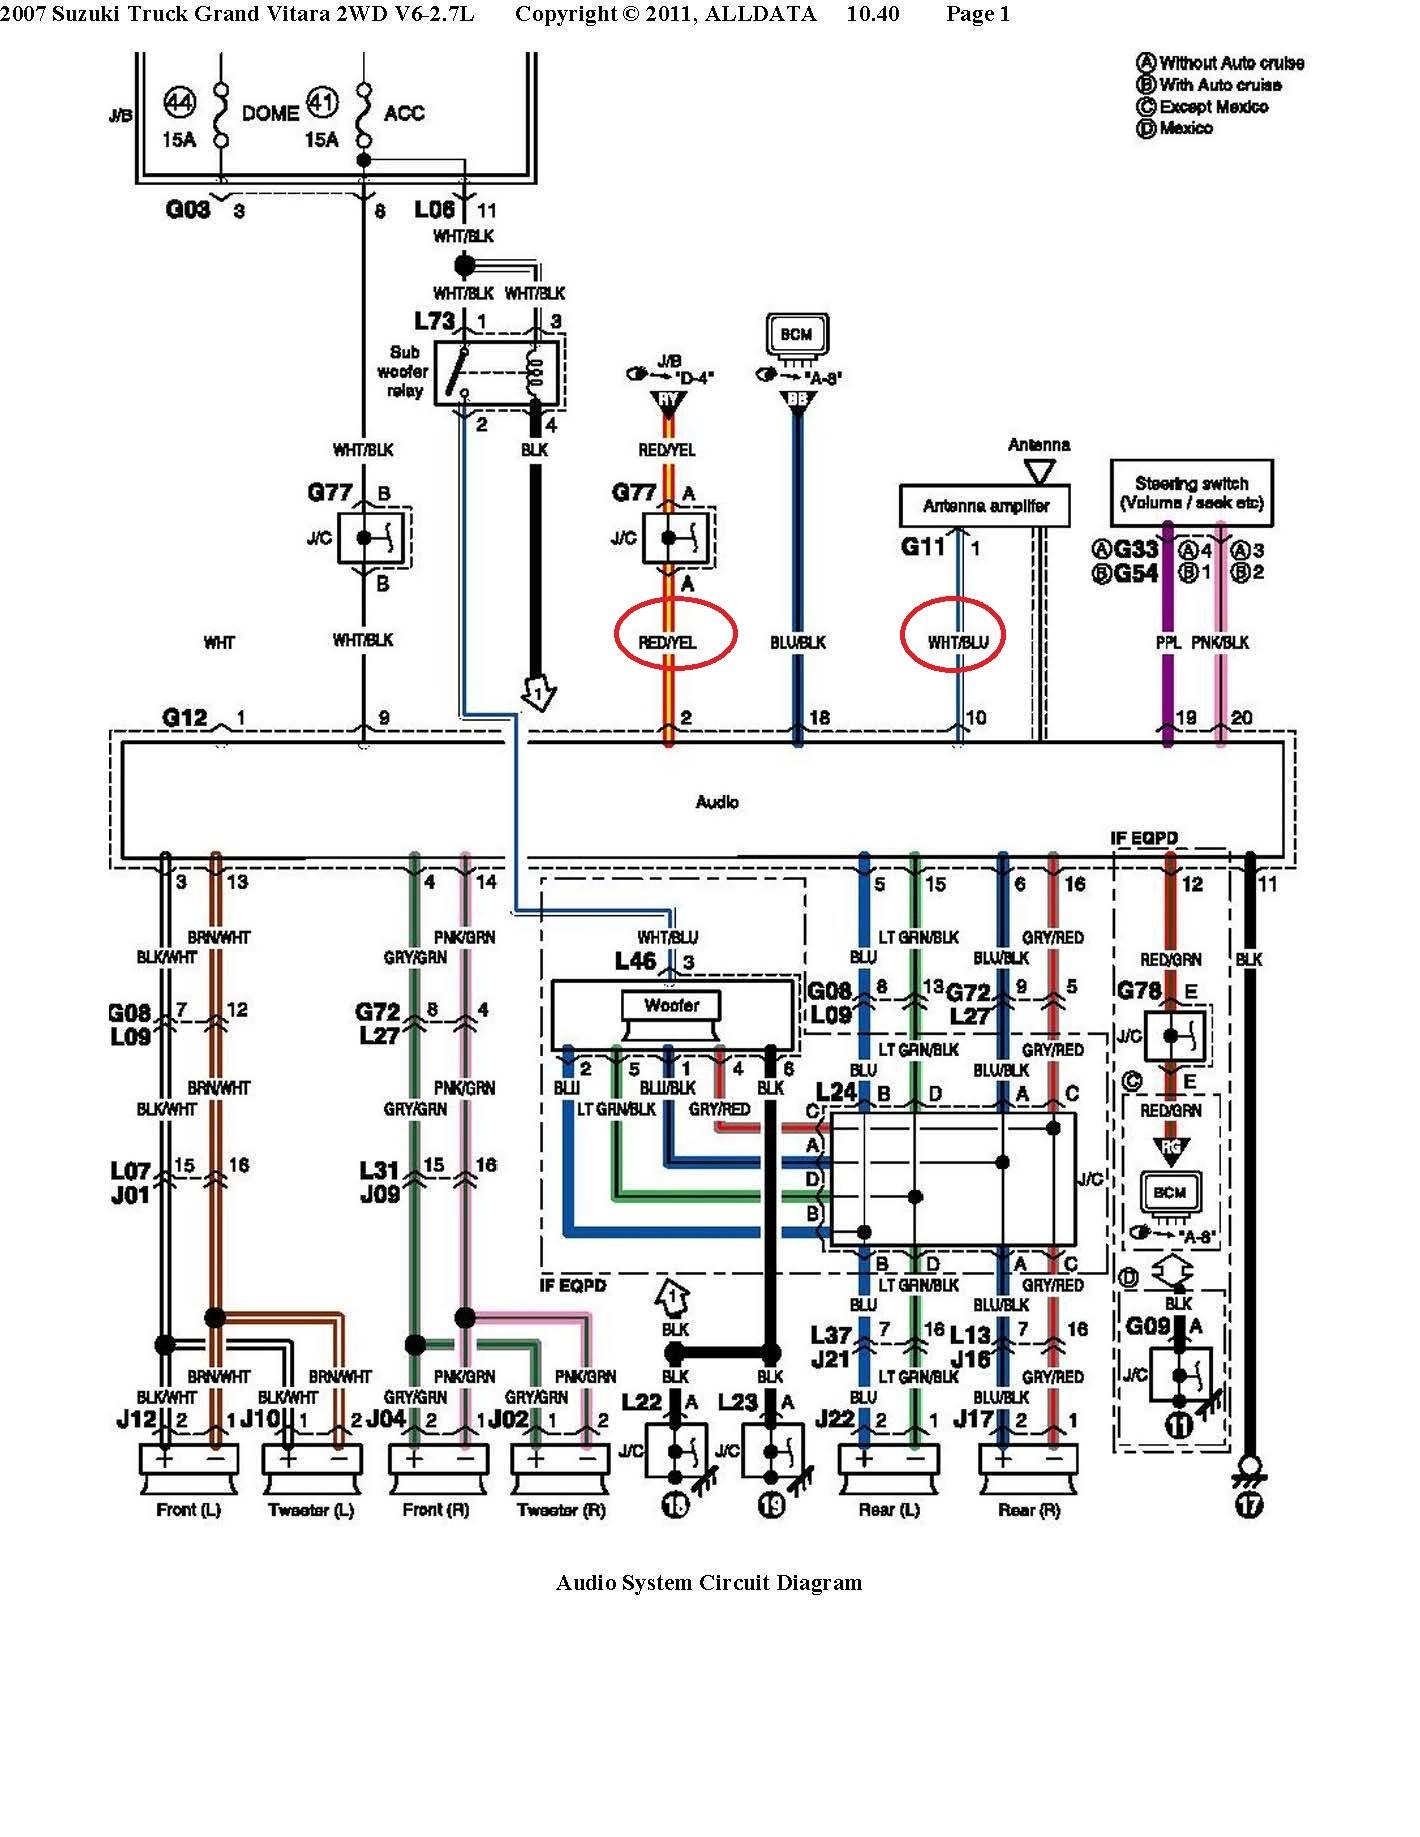 suzuki sx4 engine diagram sx4 central locking wiring wiring diagram data  sx4 central locking wiring wiring